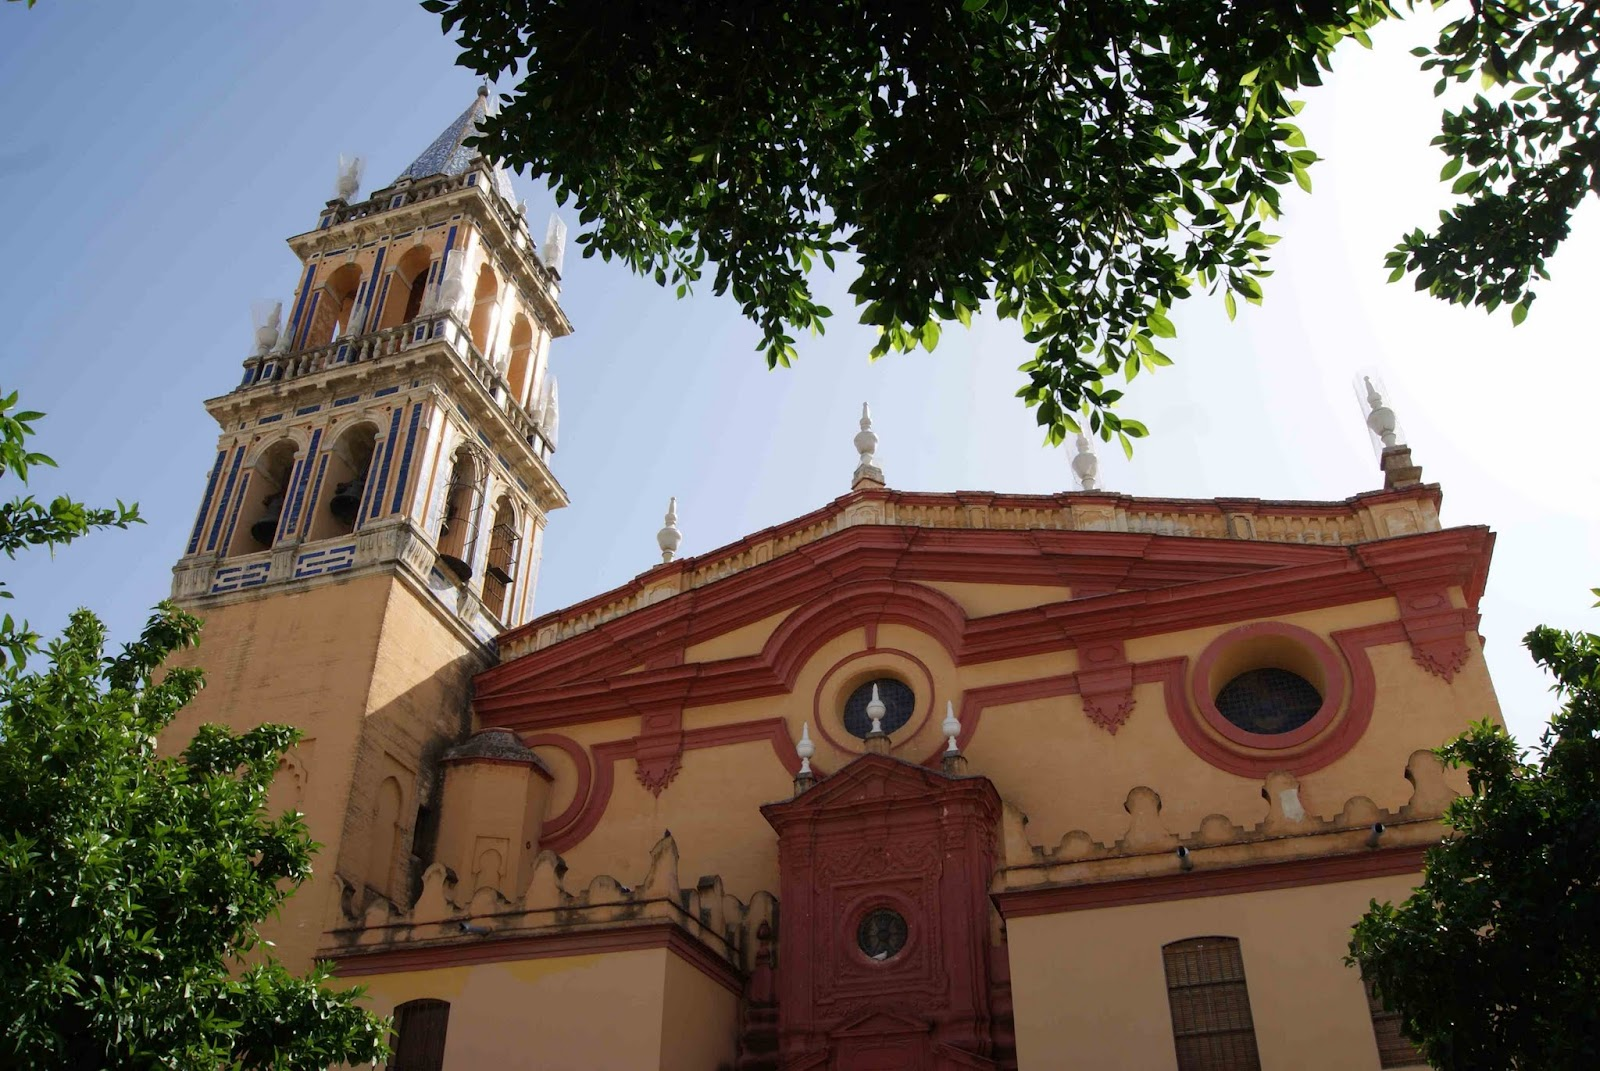 Leyendas de Sevilla: Real iglesia de Santa Ana, -I.